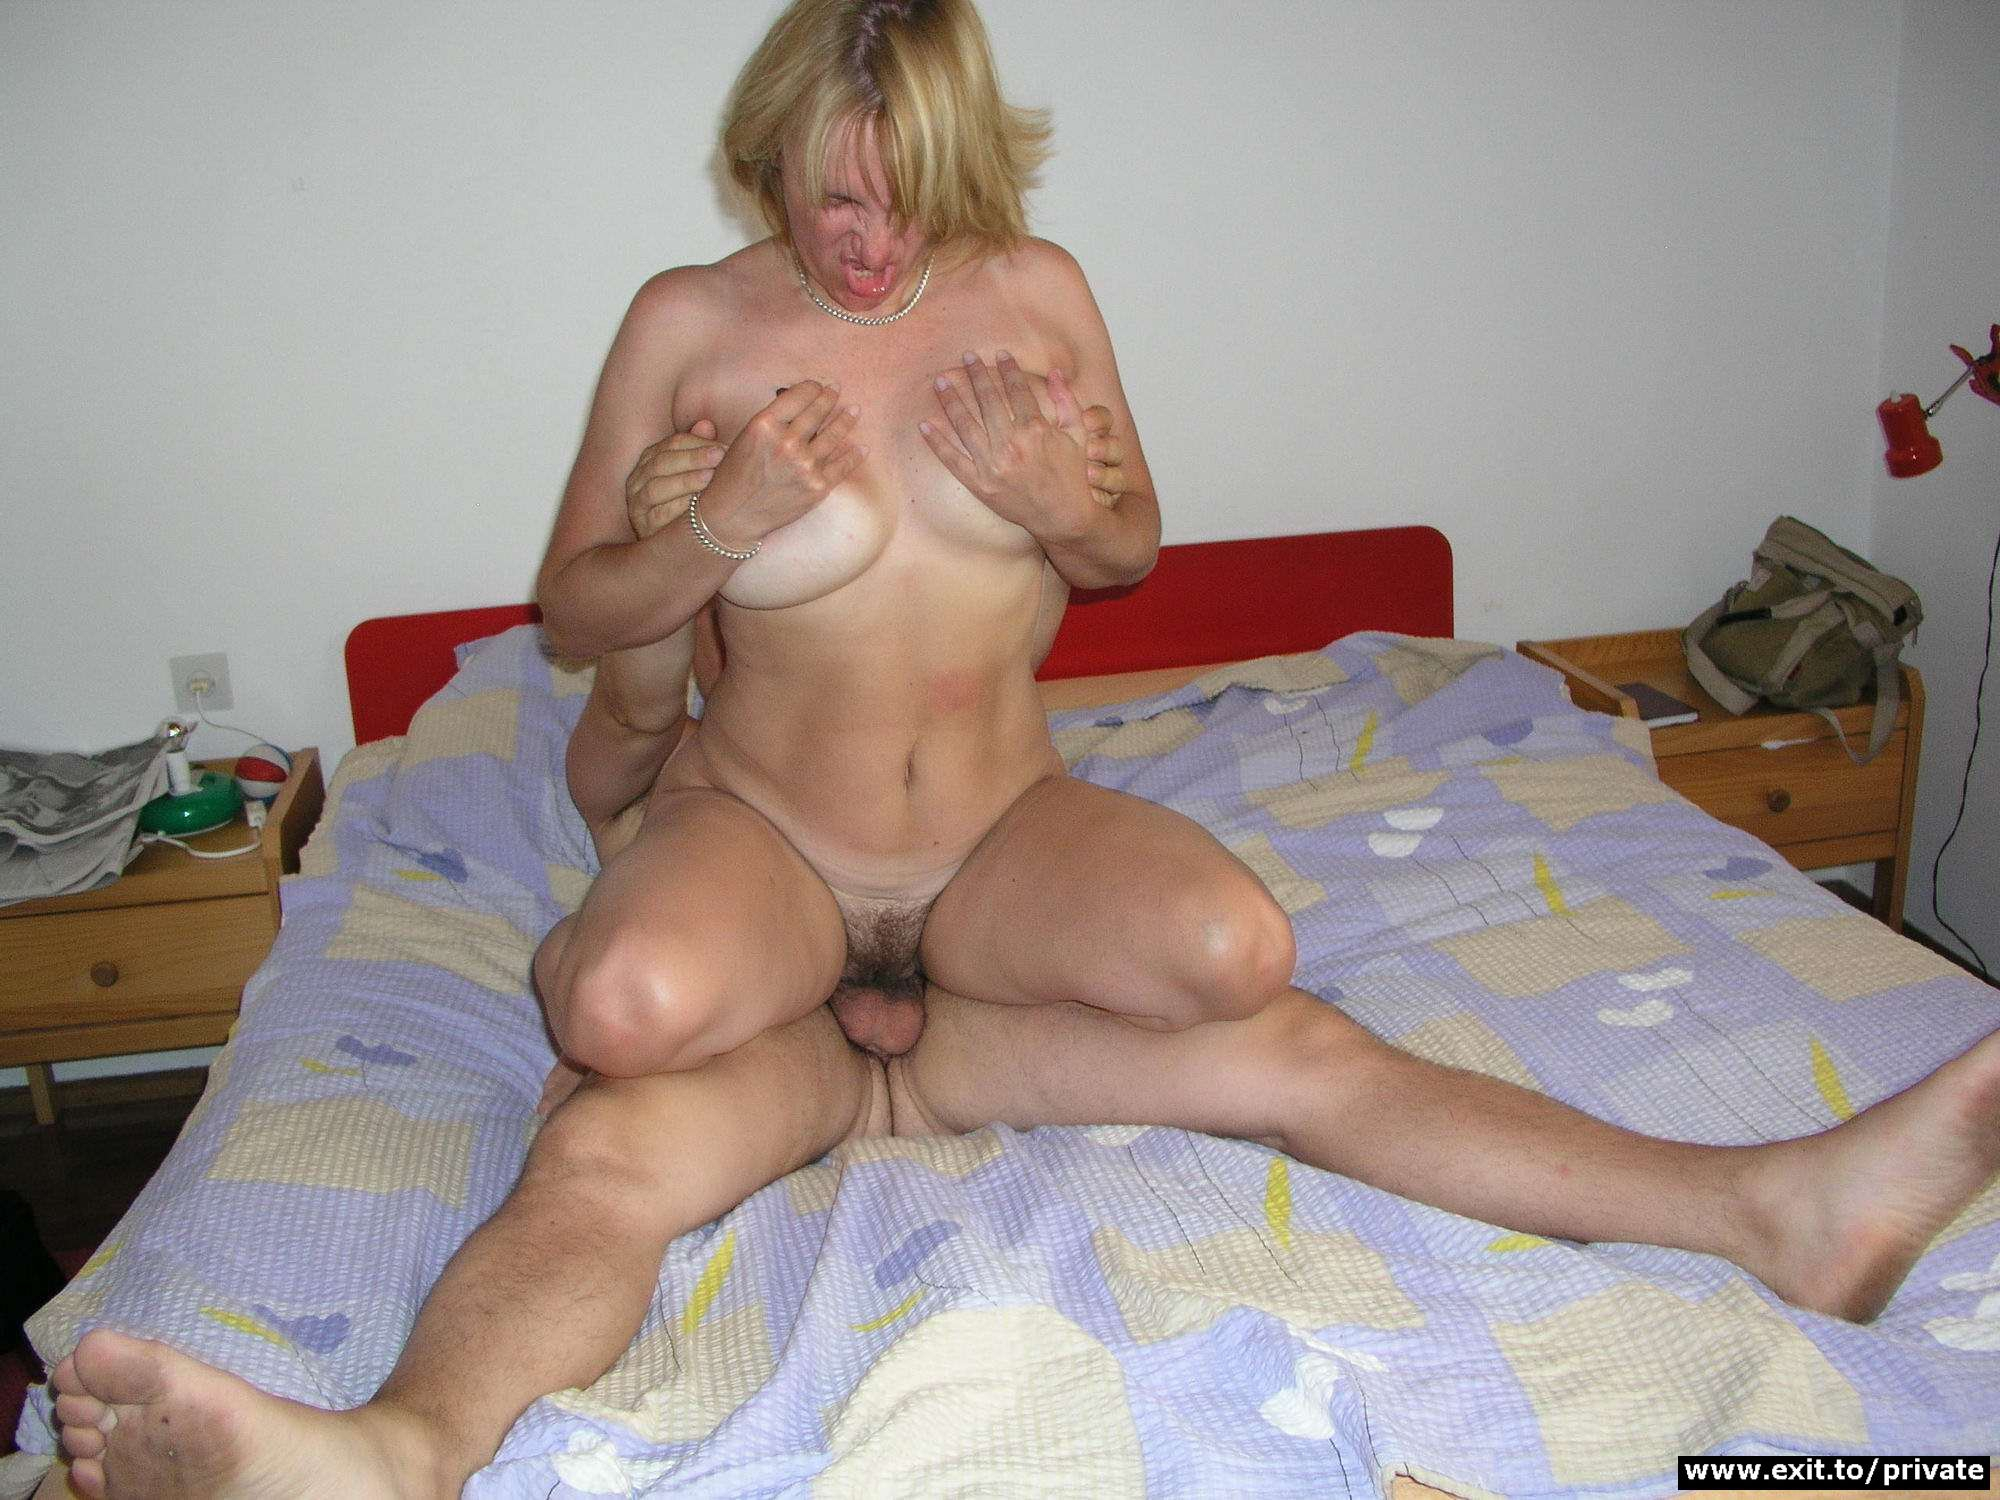 Фото порно частное сверху 17 фотография